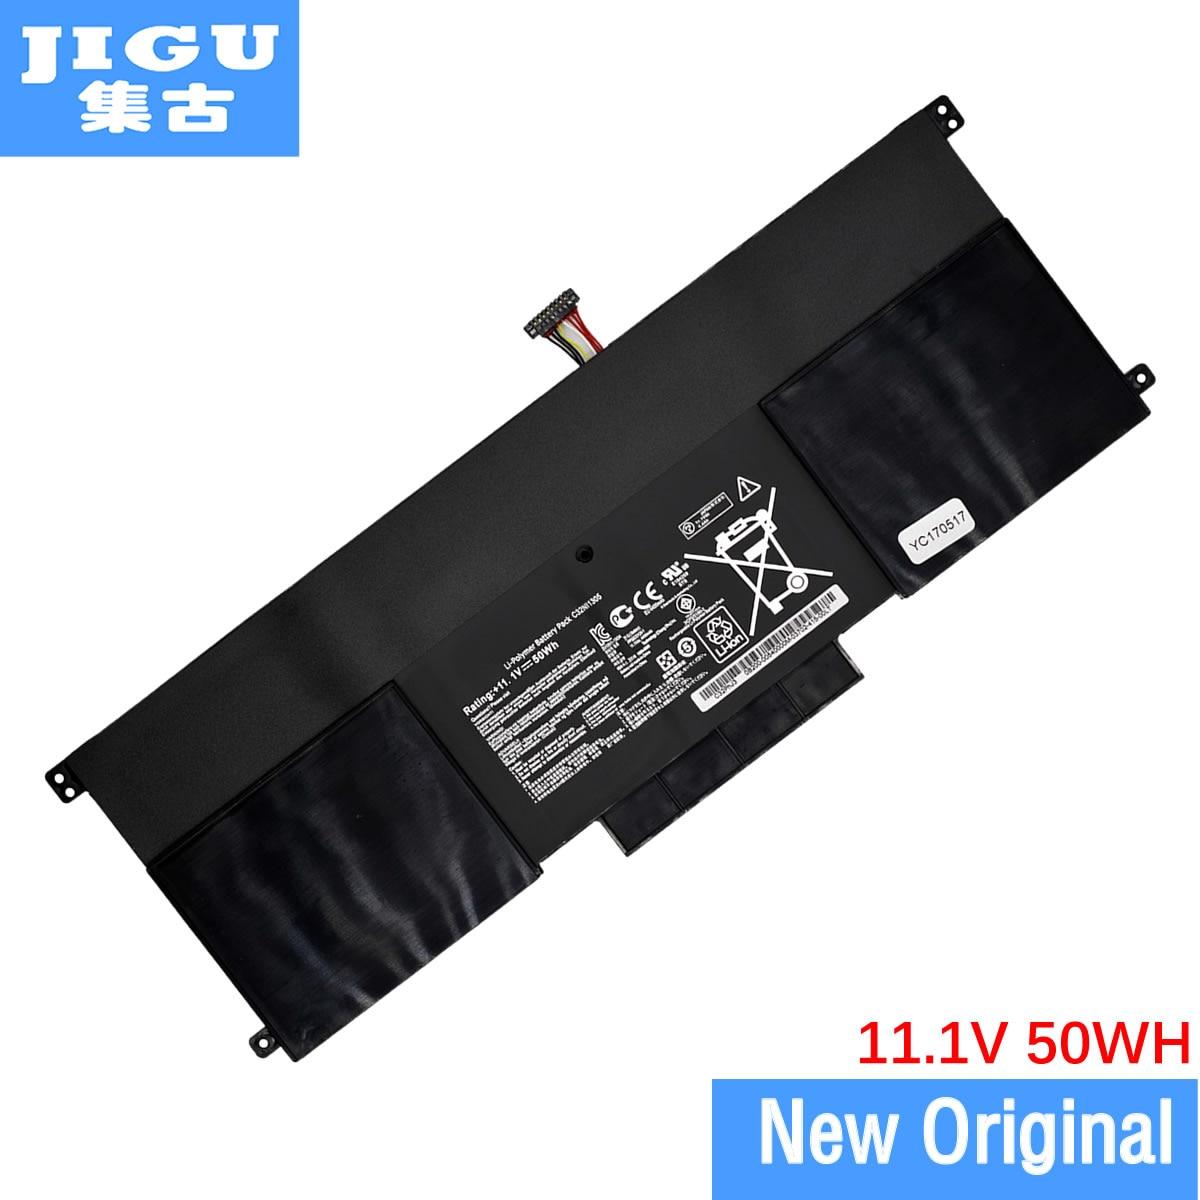 jigu laptop battery c41n1337 for asus portable aio pt2001 15v JIGU laptop battery FOR Asus C32N1305 UX301LA for Zenbook UX301L UX301LA UX301LA-C4003H UX301LA UX301LA4500